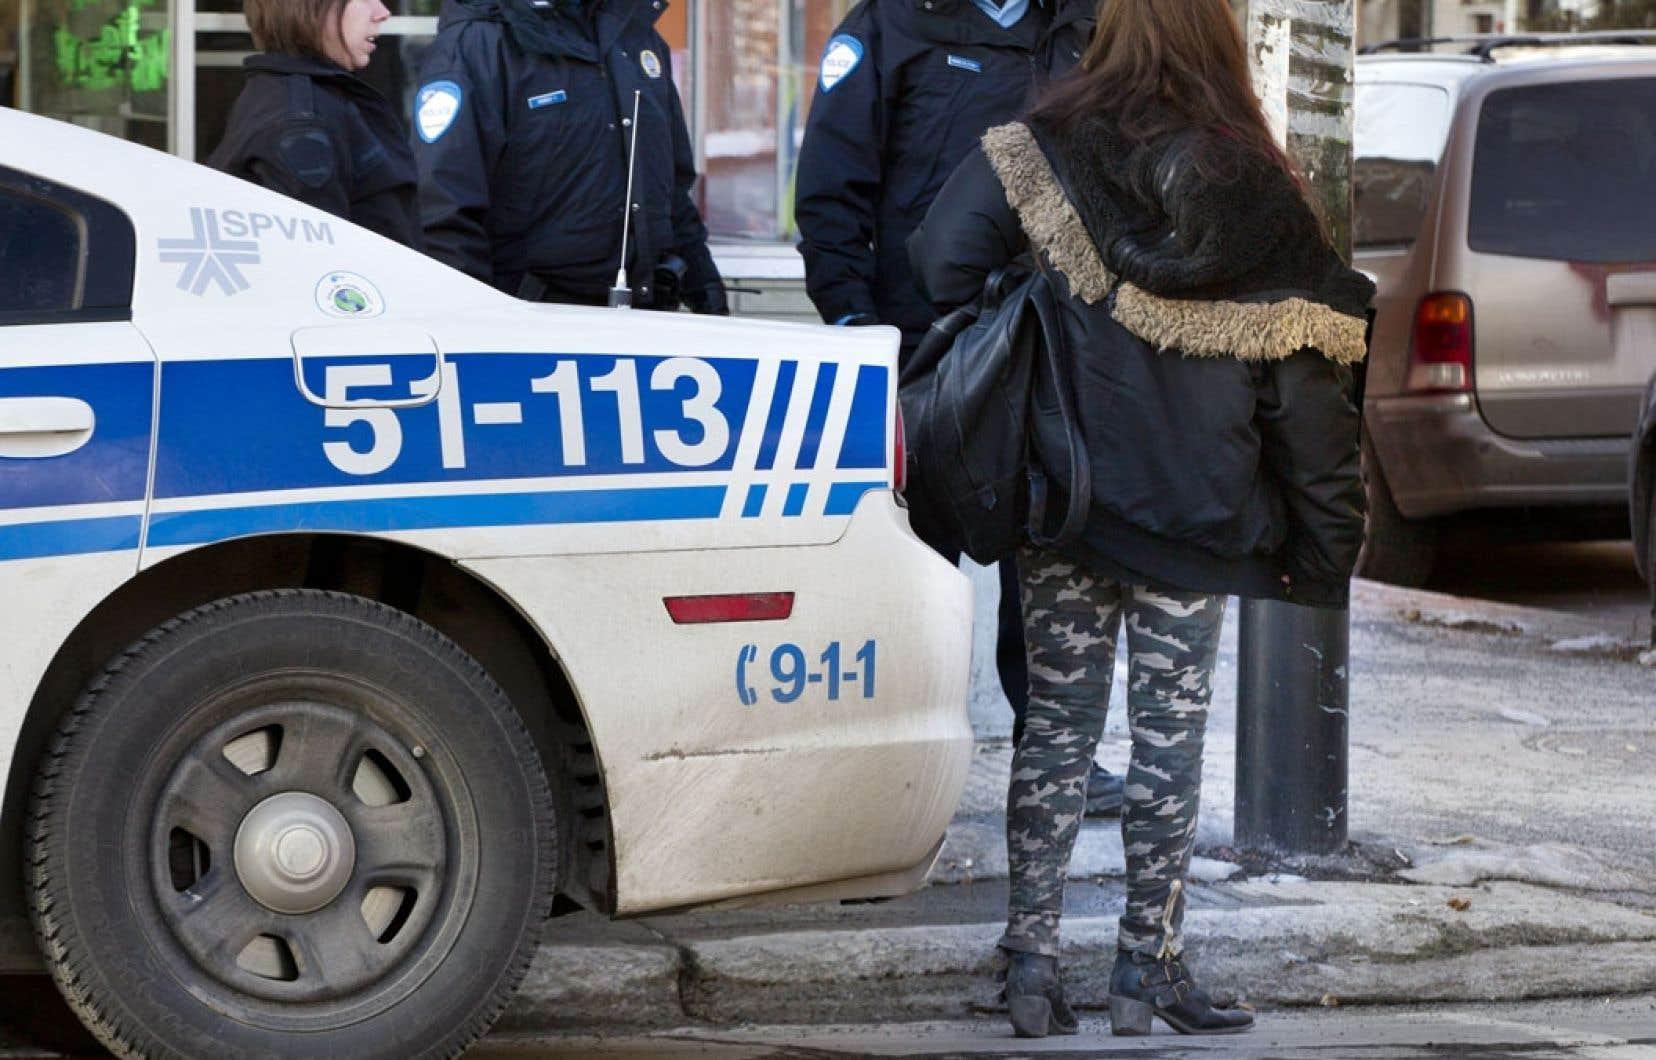 La Cour suprême a accordé un an à Ottawa pour accoucher, s'il le désire, d'un nouveau cadre légal à la prostitution.